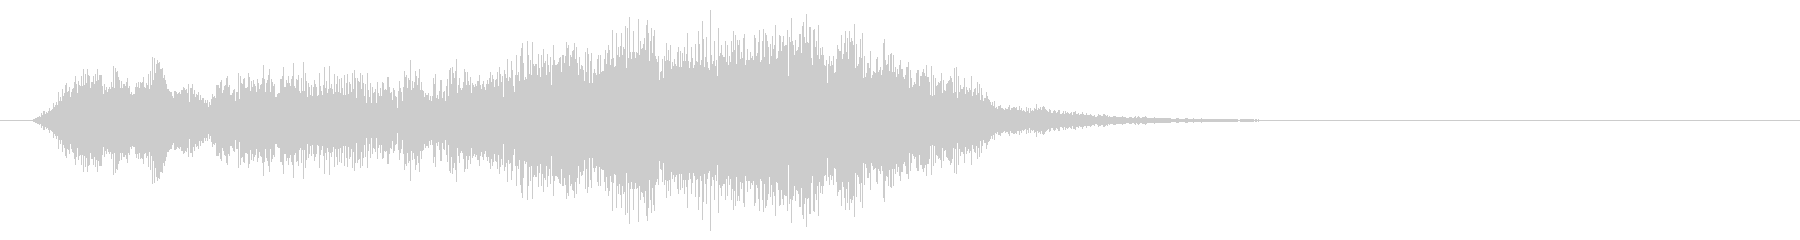 オーケストラによるサウンドロゴの未再生の波形